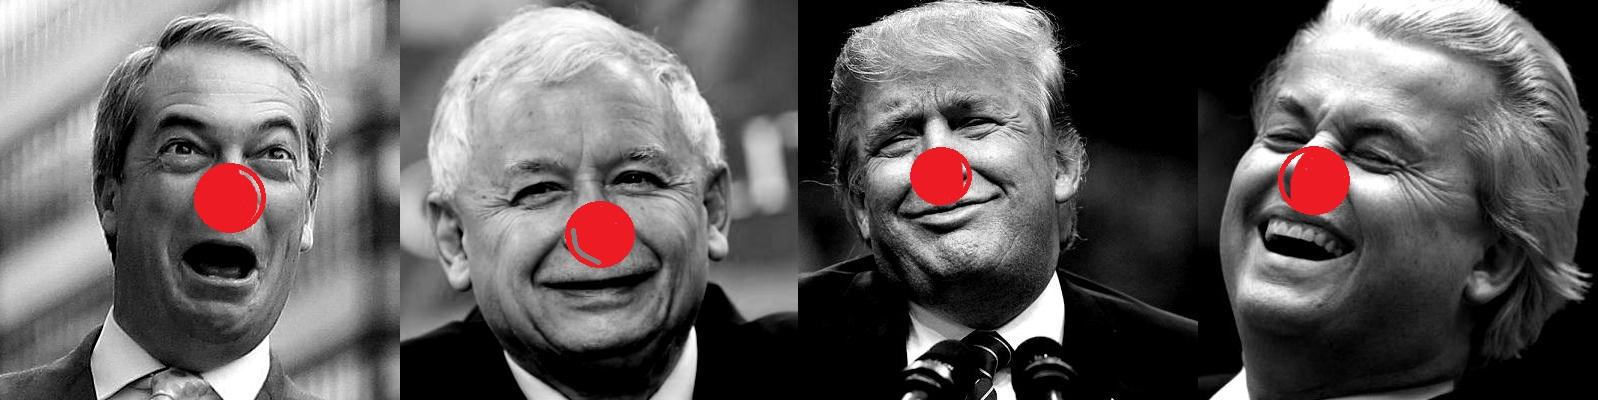 Clownokracja